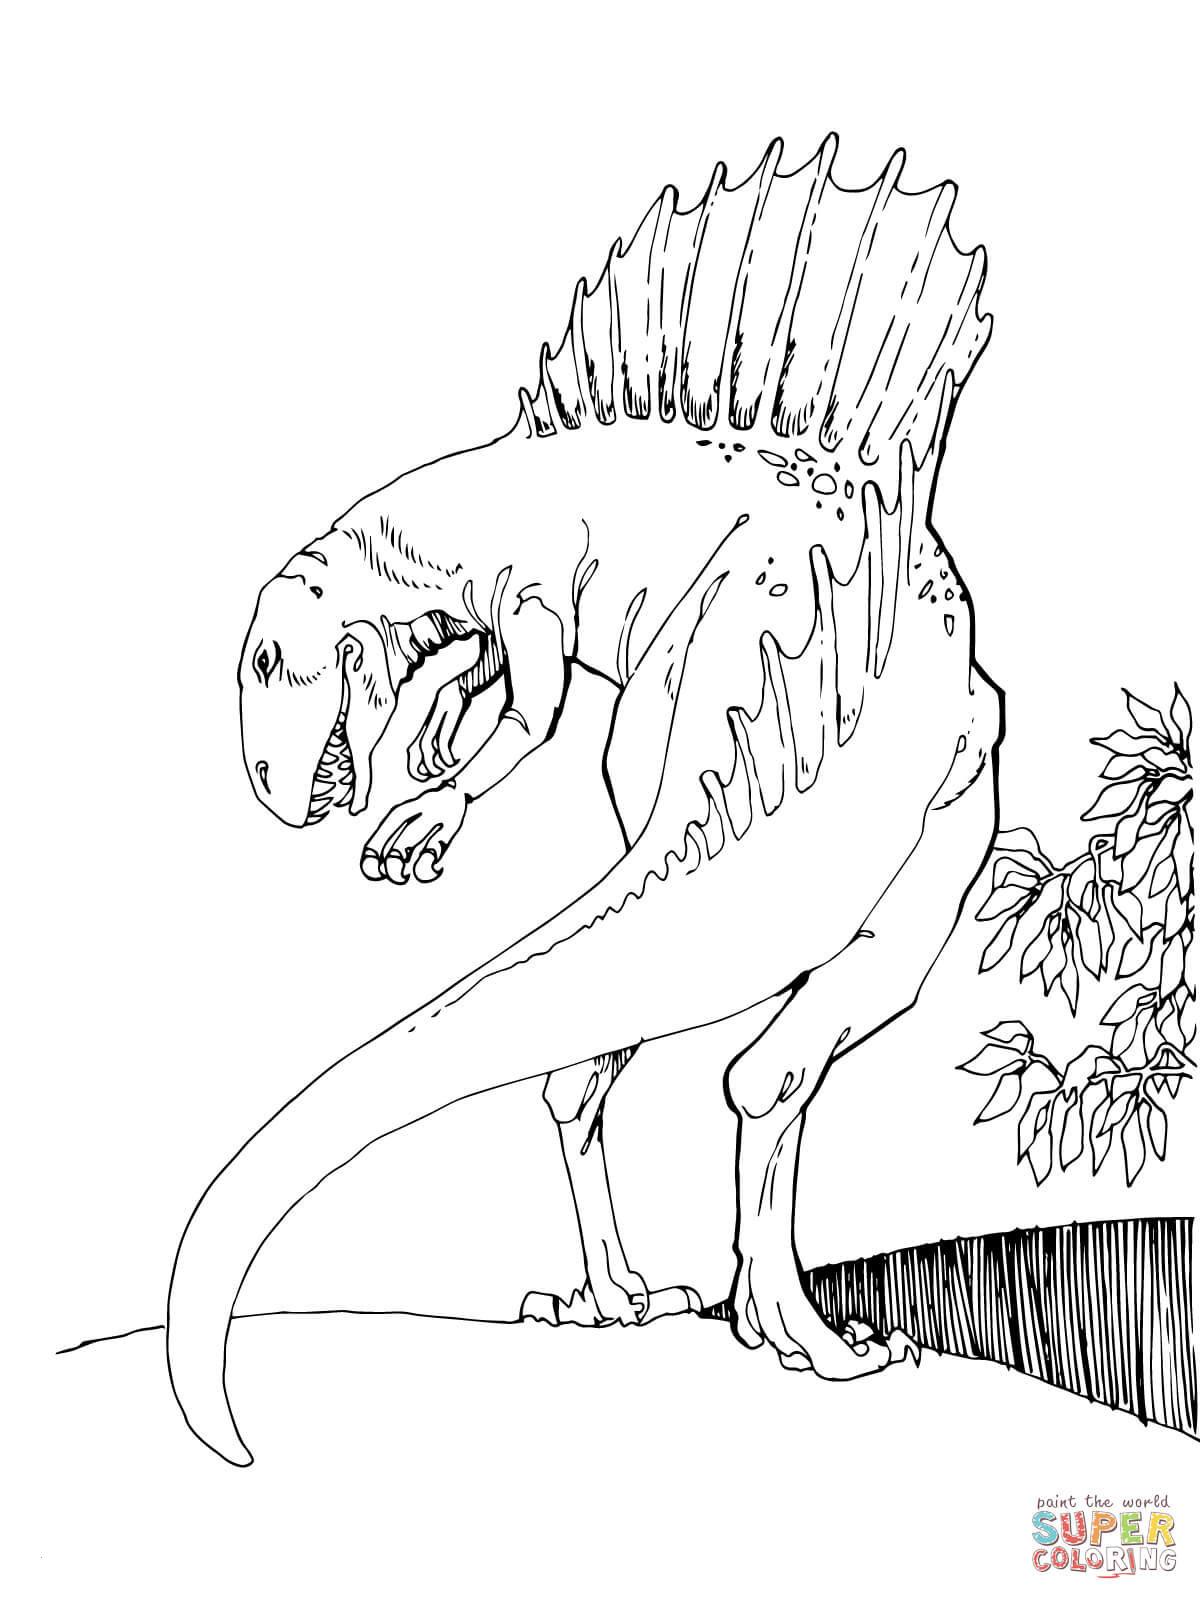 Jurassic Park Ausmalbilder Genial Ausmalbilder Jurassic World Für Kinder Genial Spinosaurus Bild